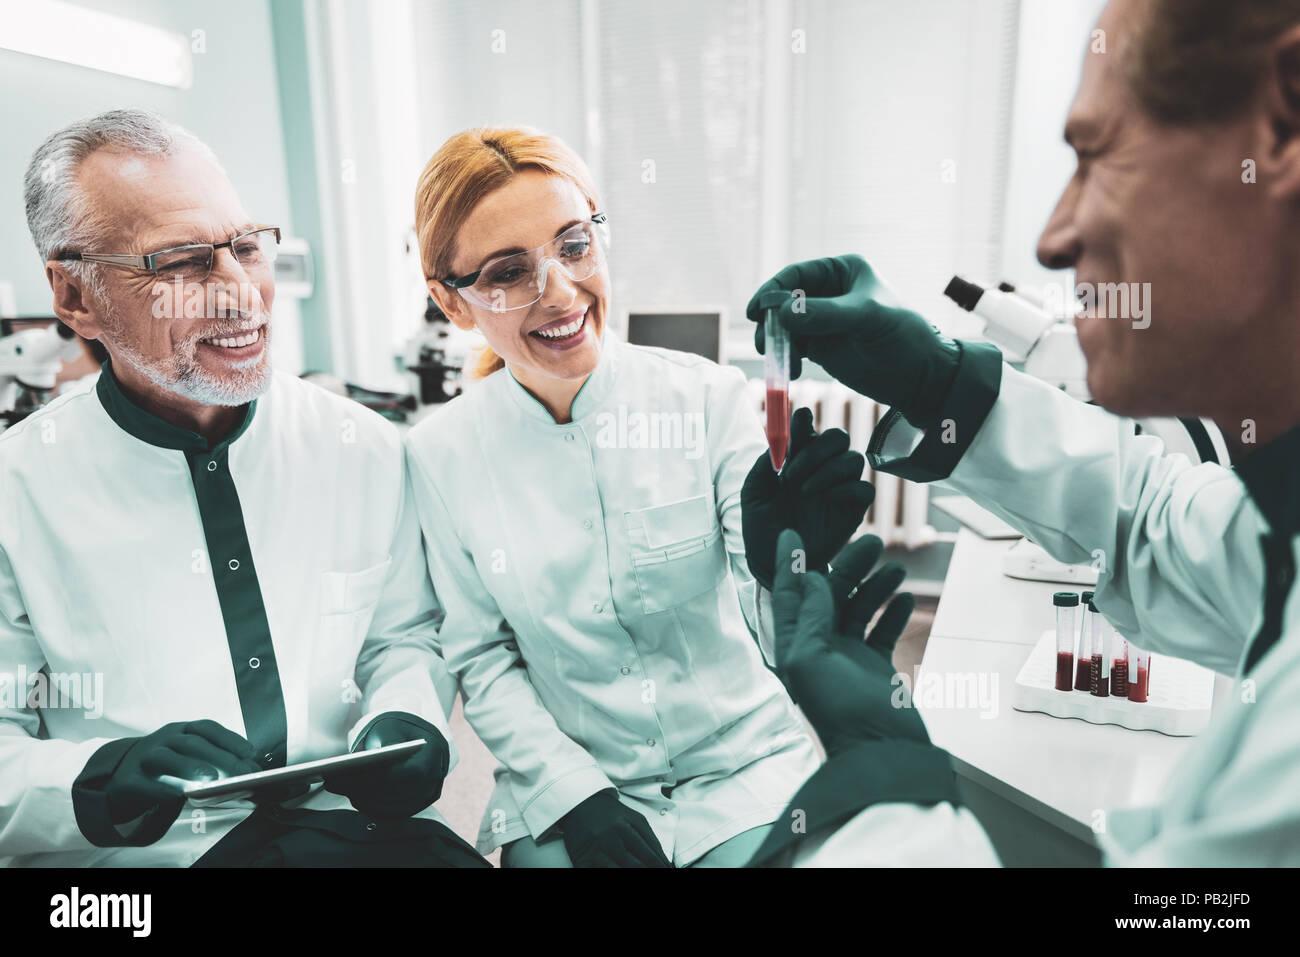 Il trio di sorridere lavoratori medici godendo di completamento attività Immagini Stock